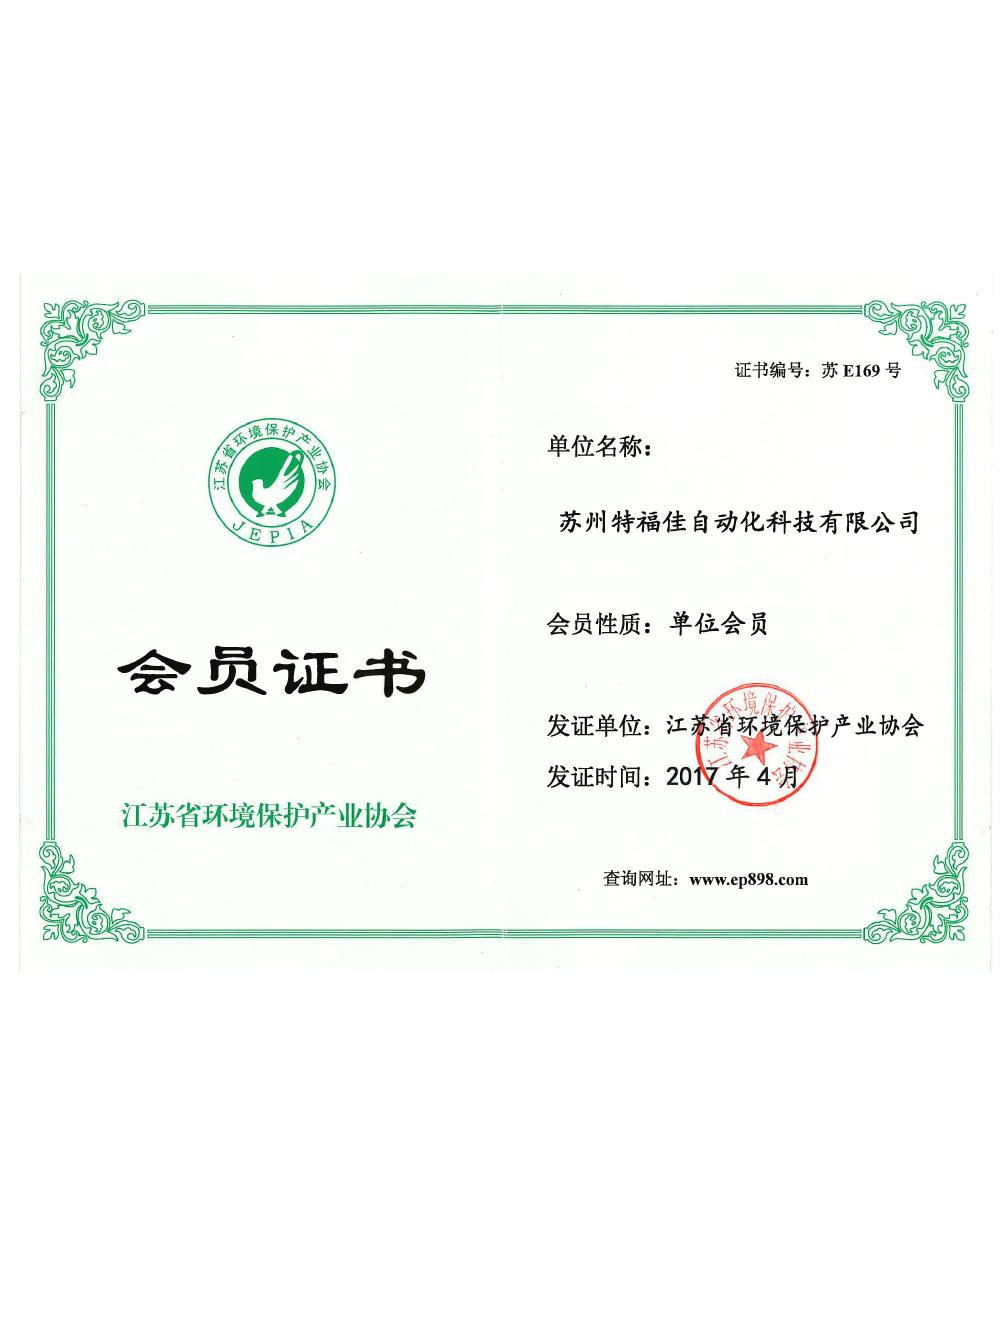 江苏省环境保护产业协会会员单位